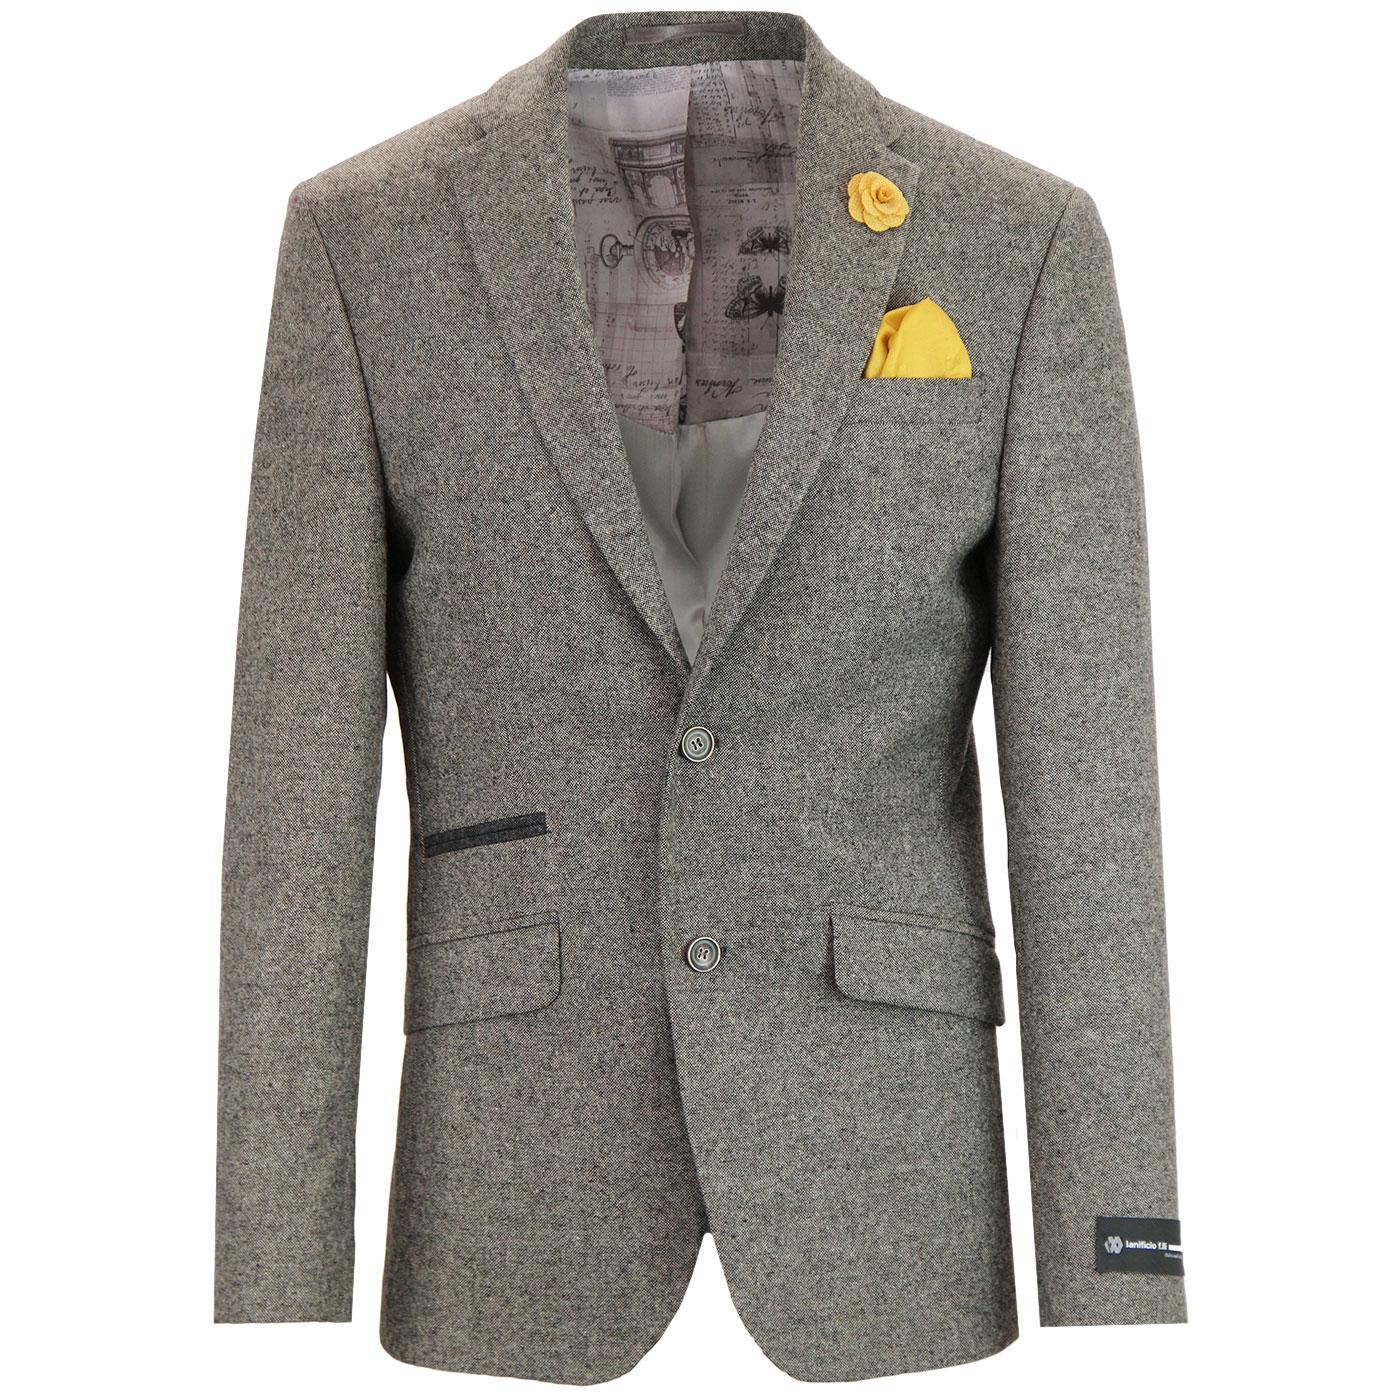 Men's 1960s Mod 2 Button Taupe Donegal Suit Jacket